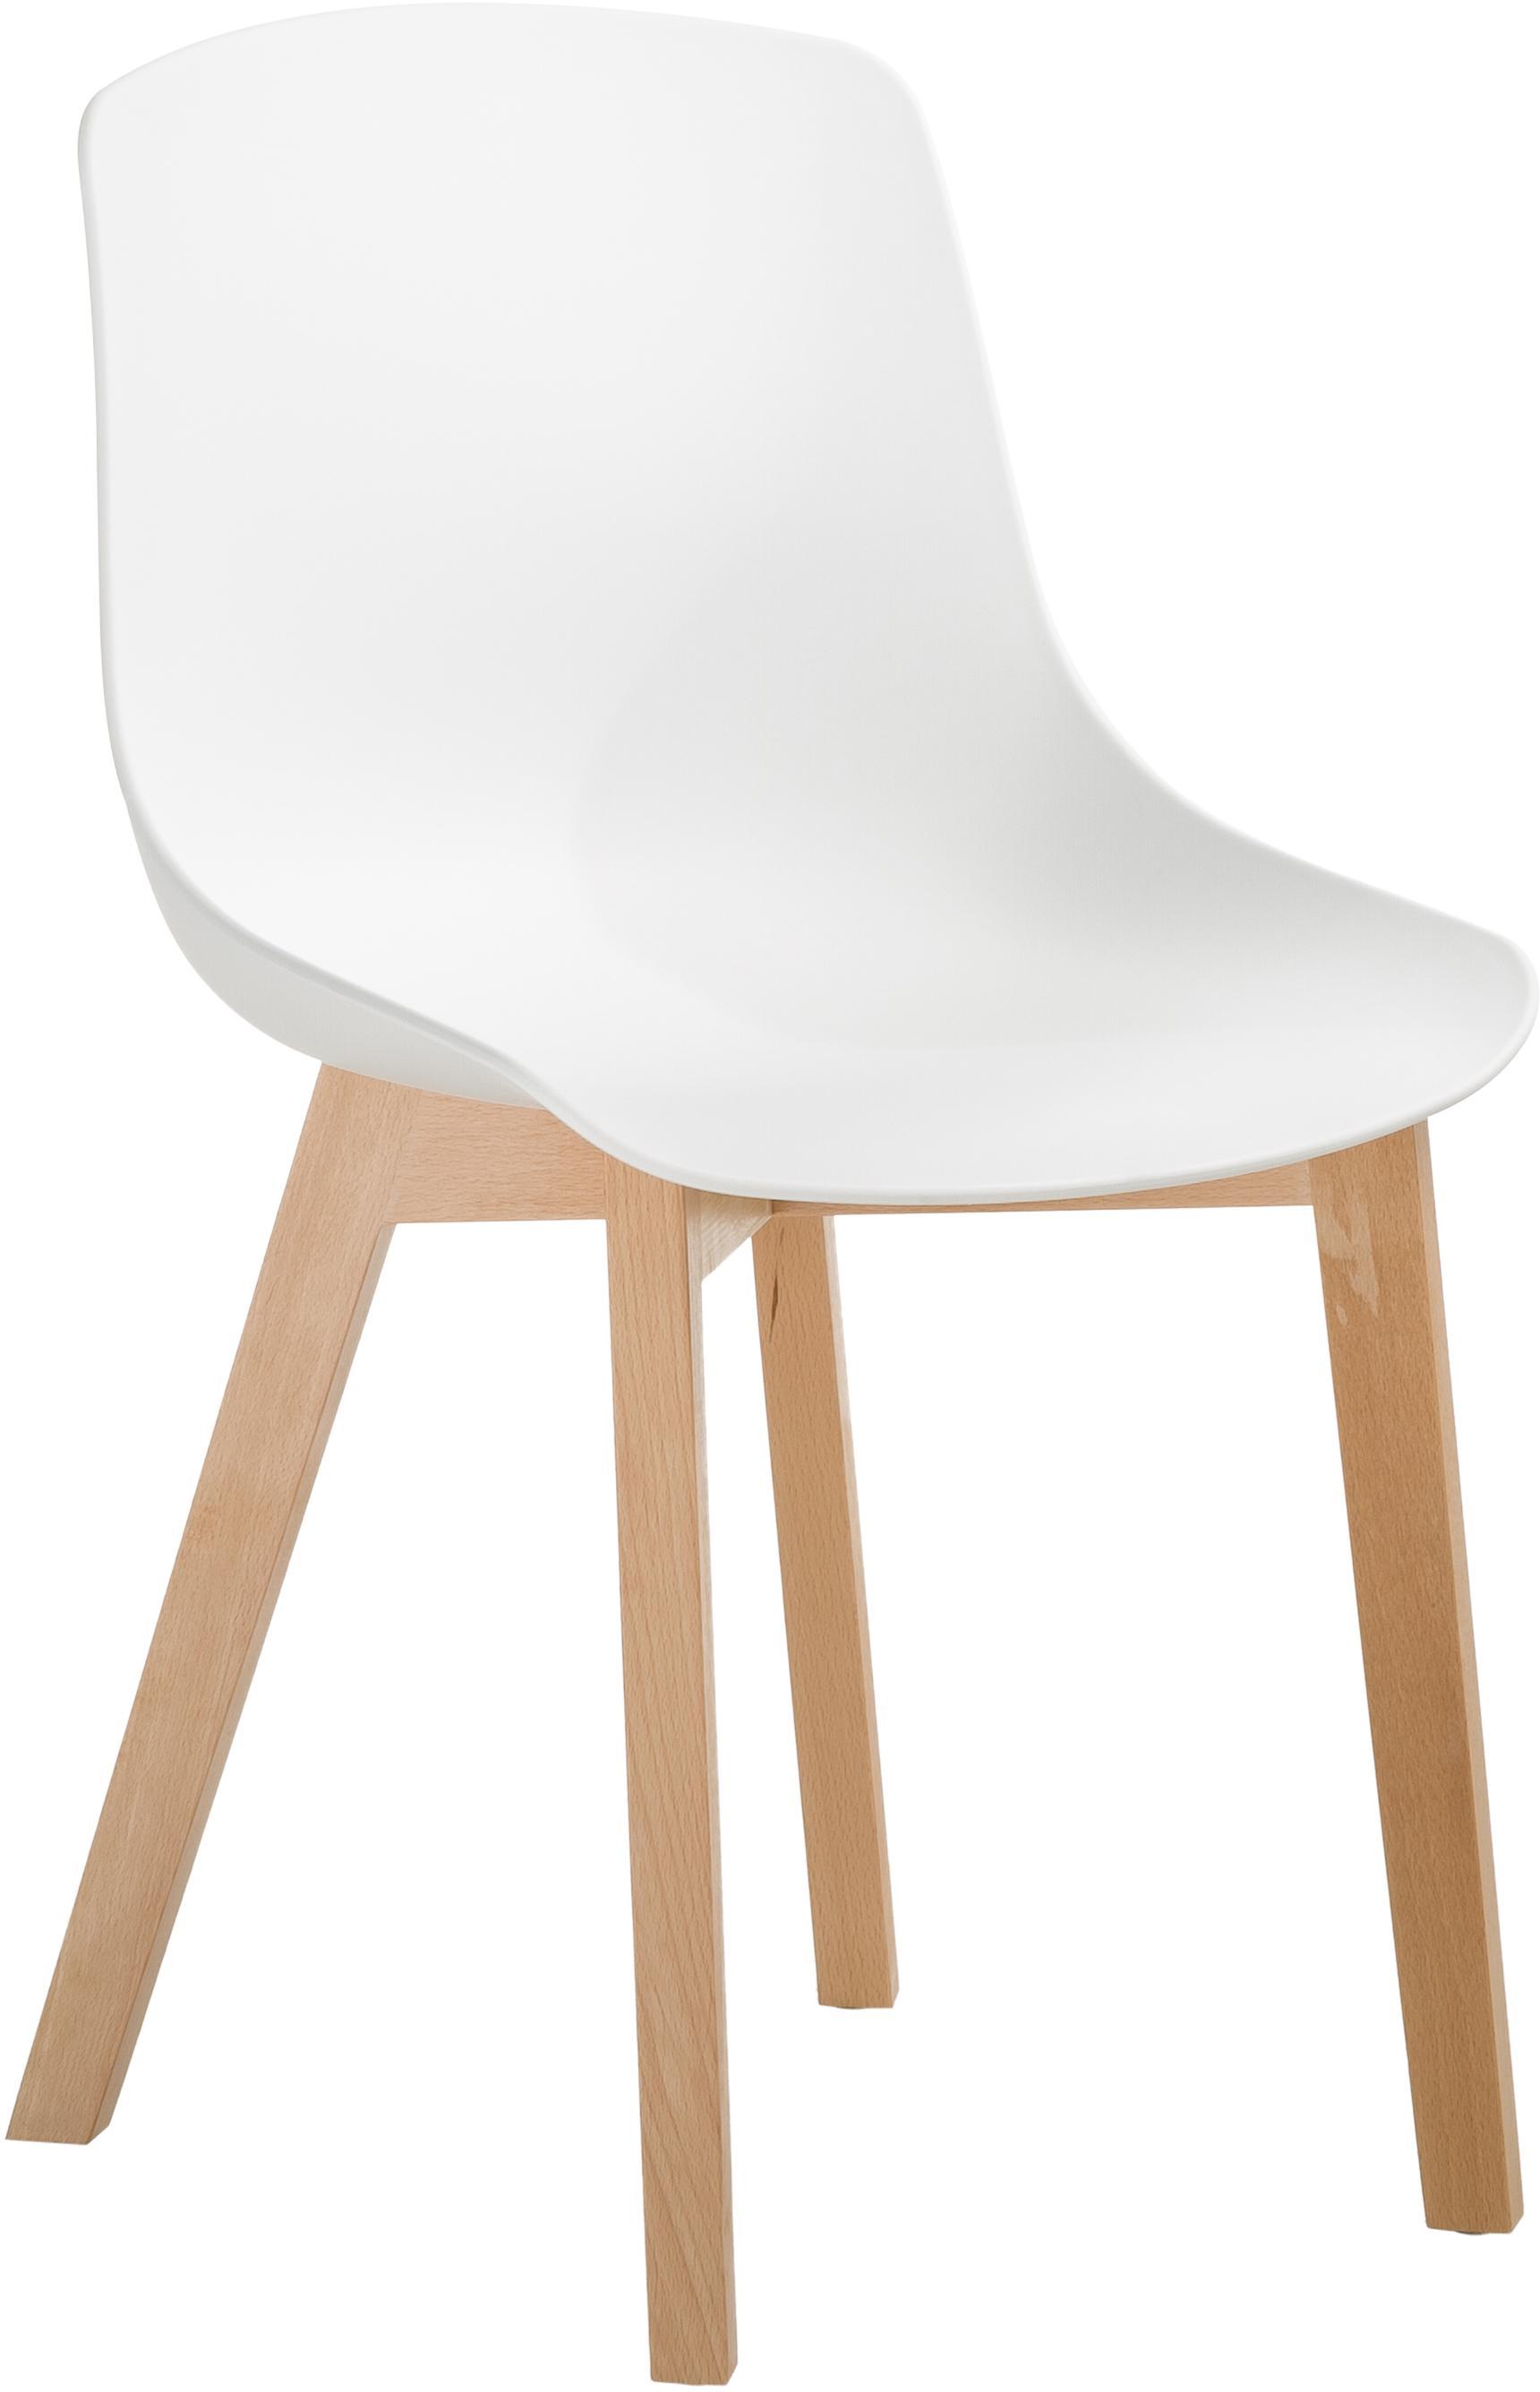 Sillas de plástico Dave, 2uds., Asiento: plástico, Patas: madera de haya, Blanco, An 46 x Al 82 cm